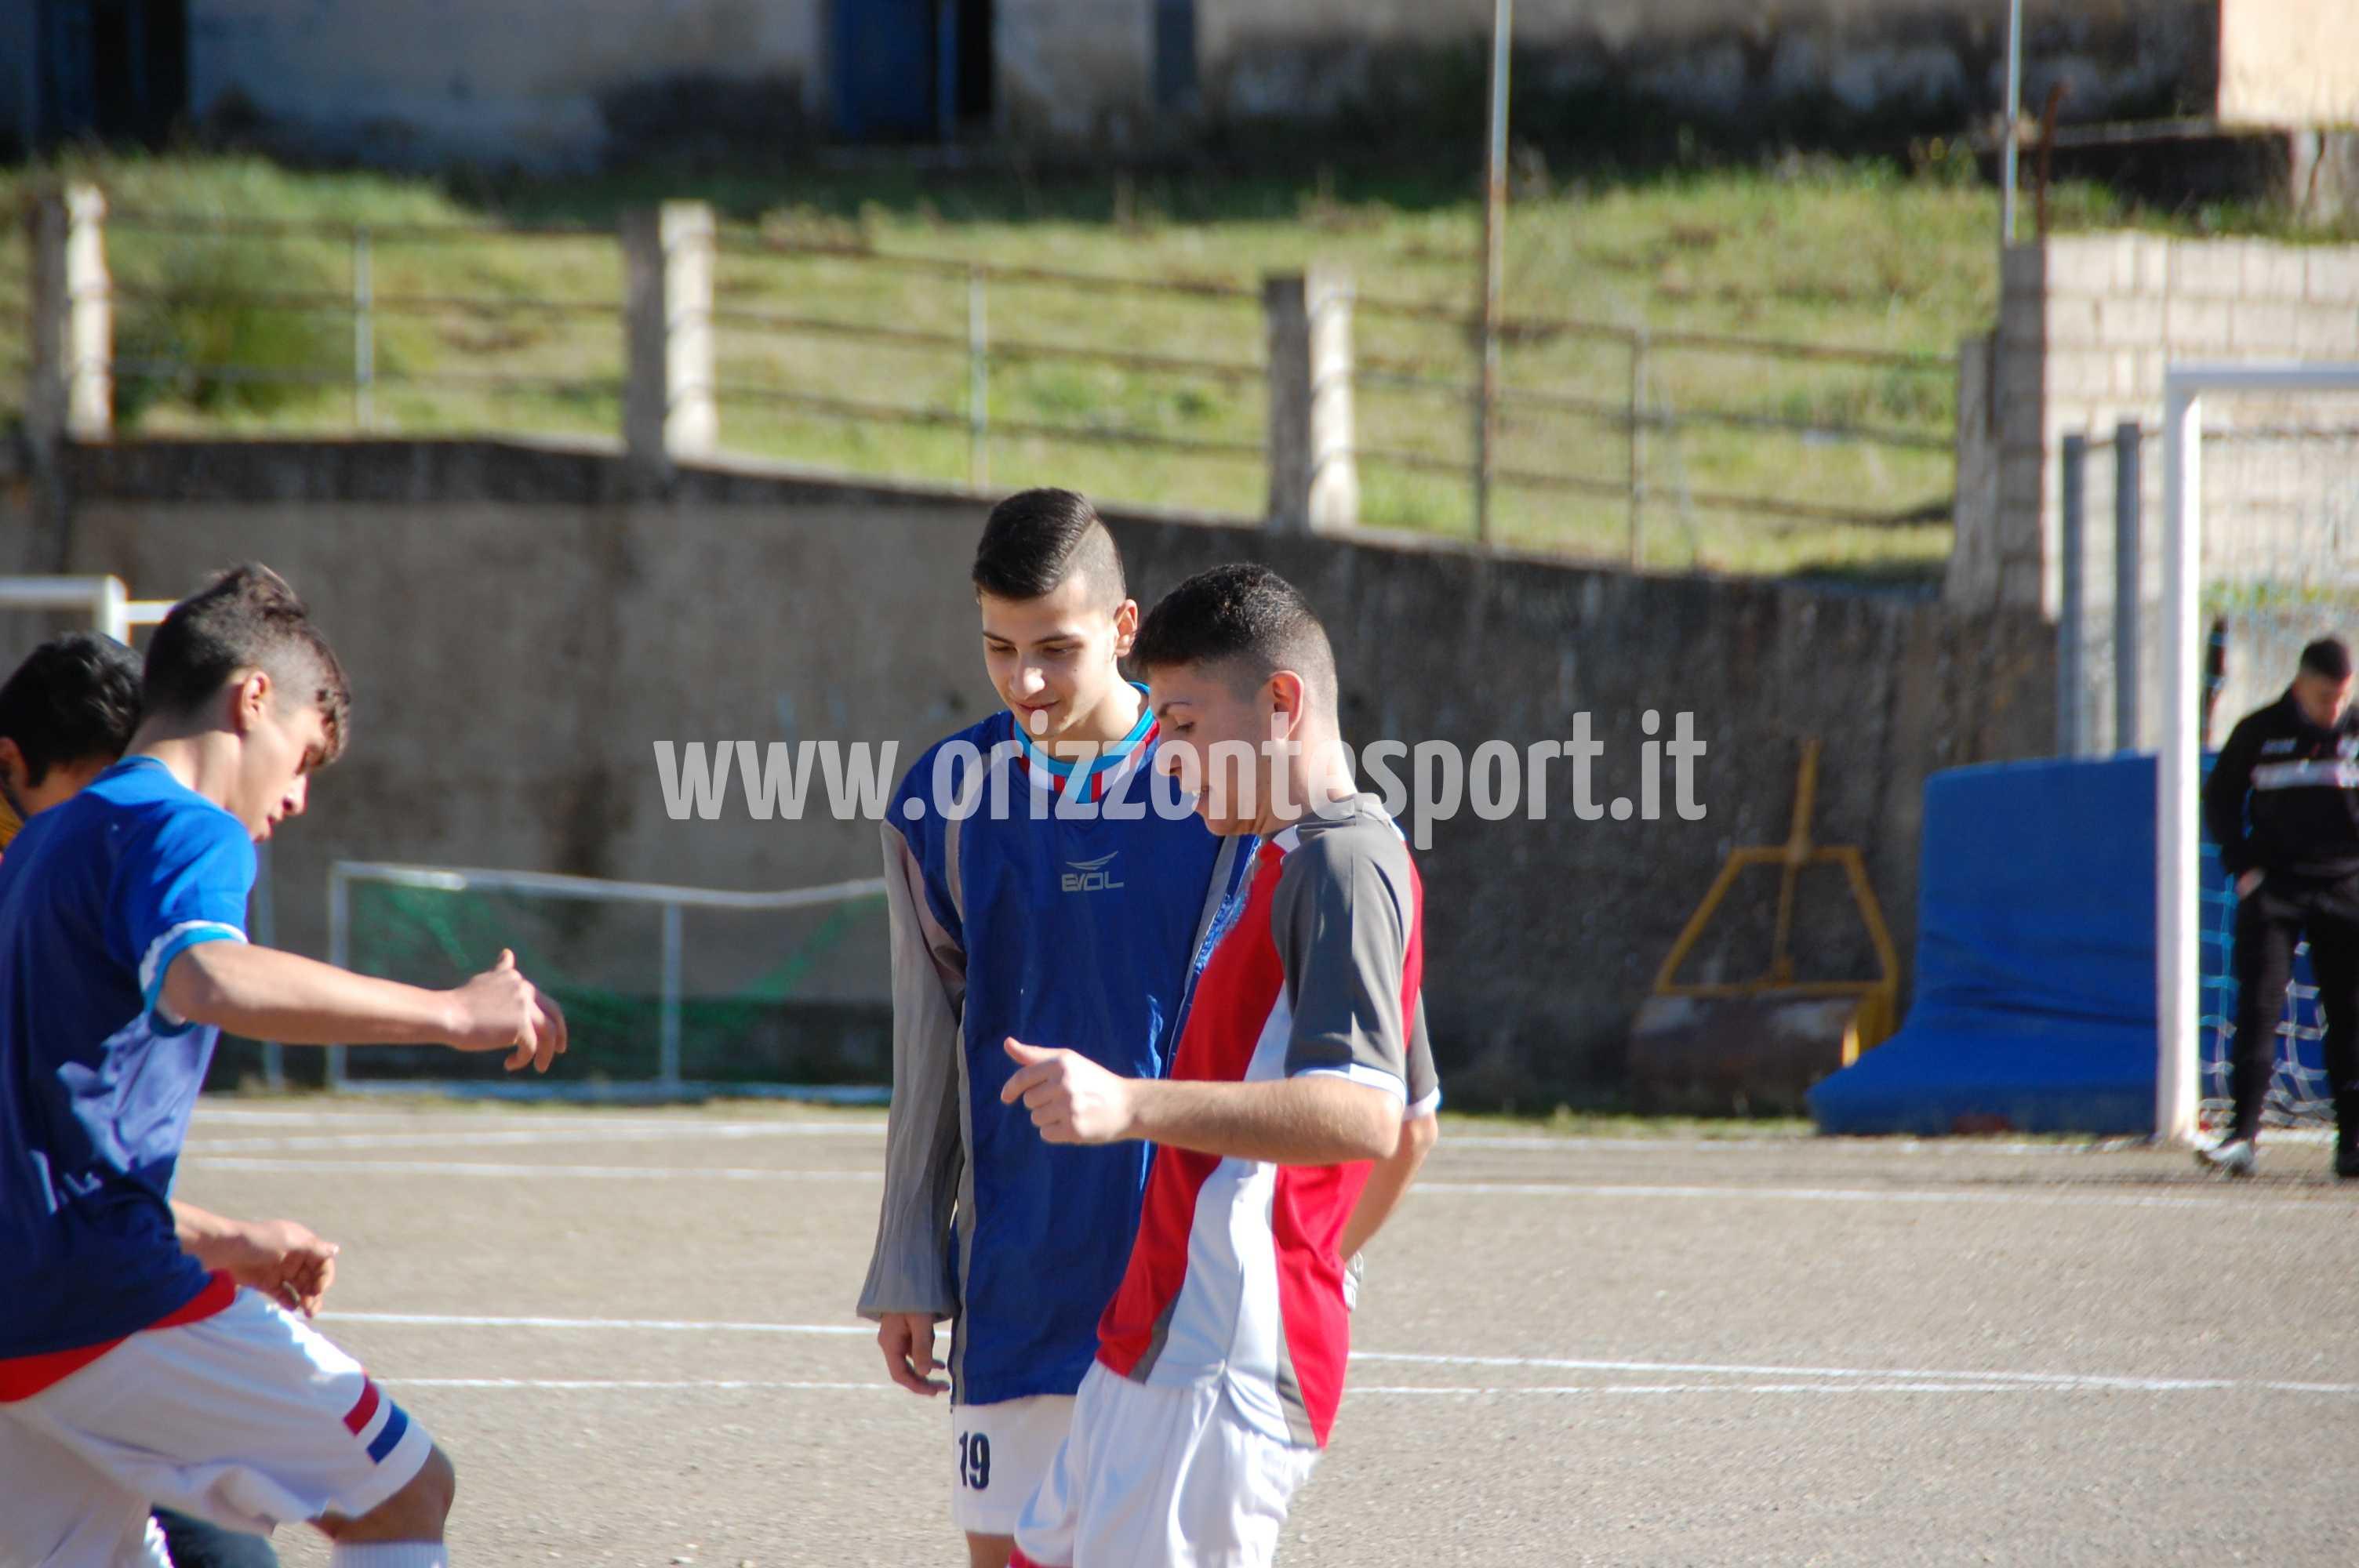 cassano_aprigliano (2)